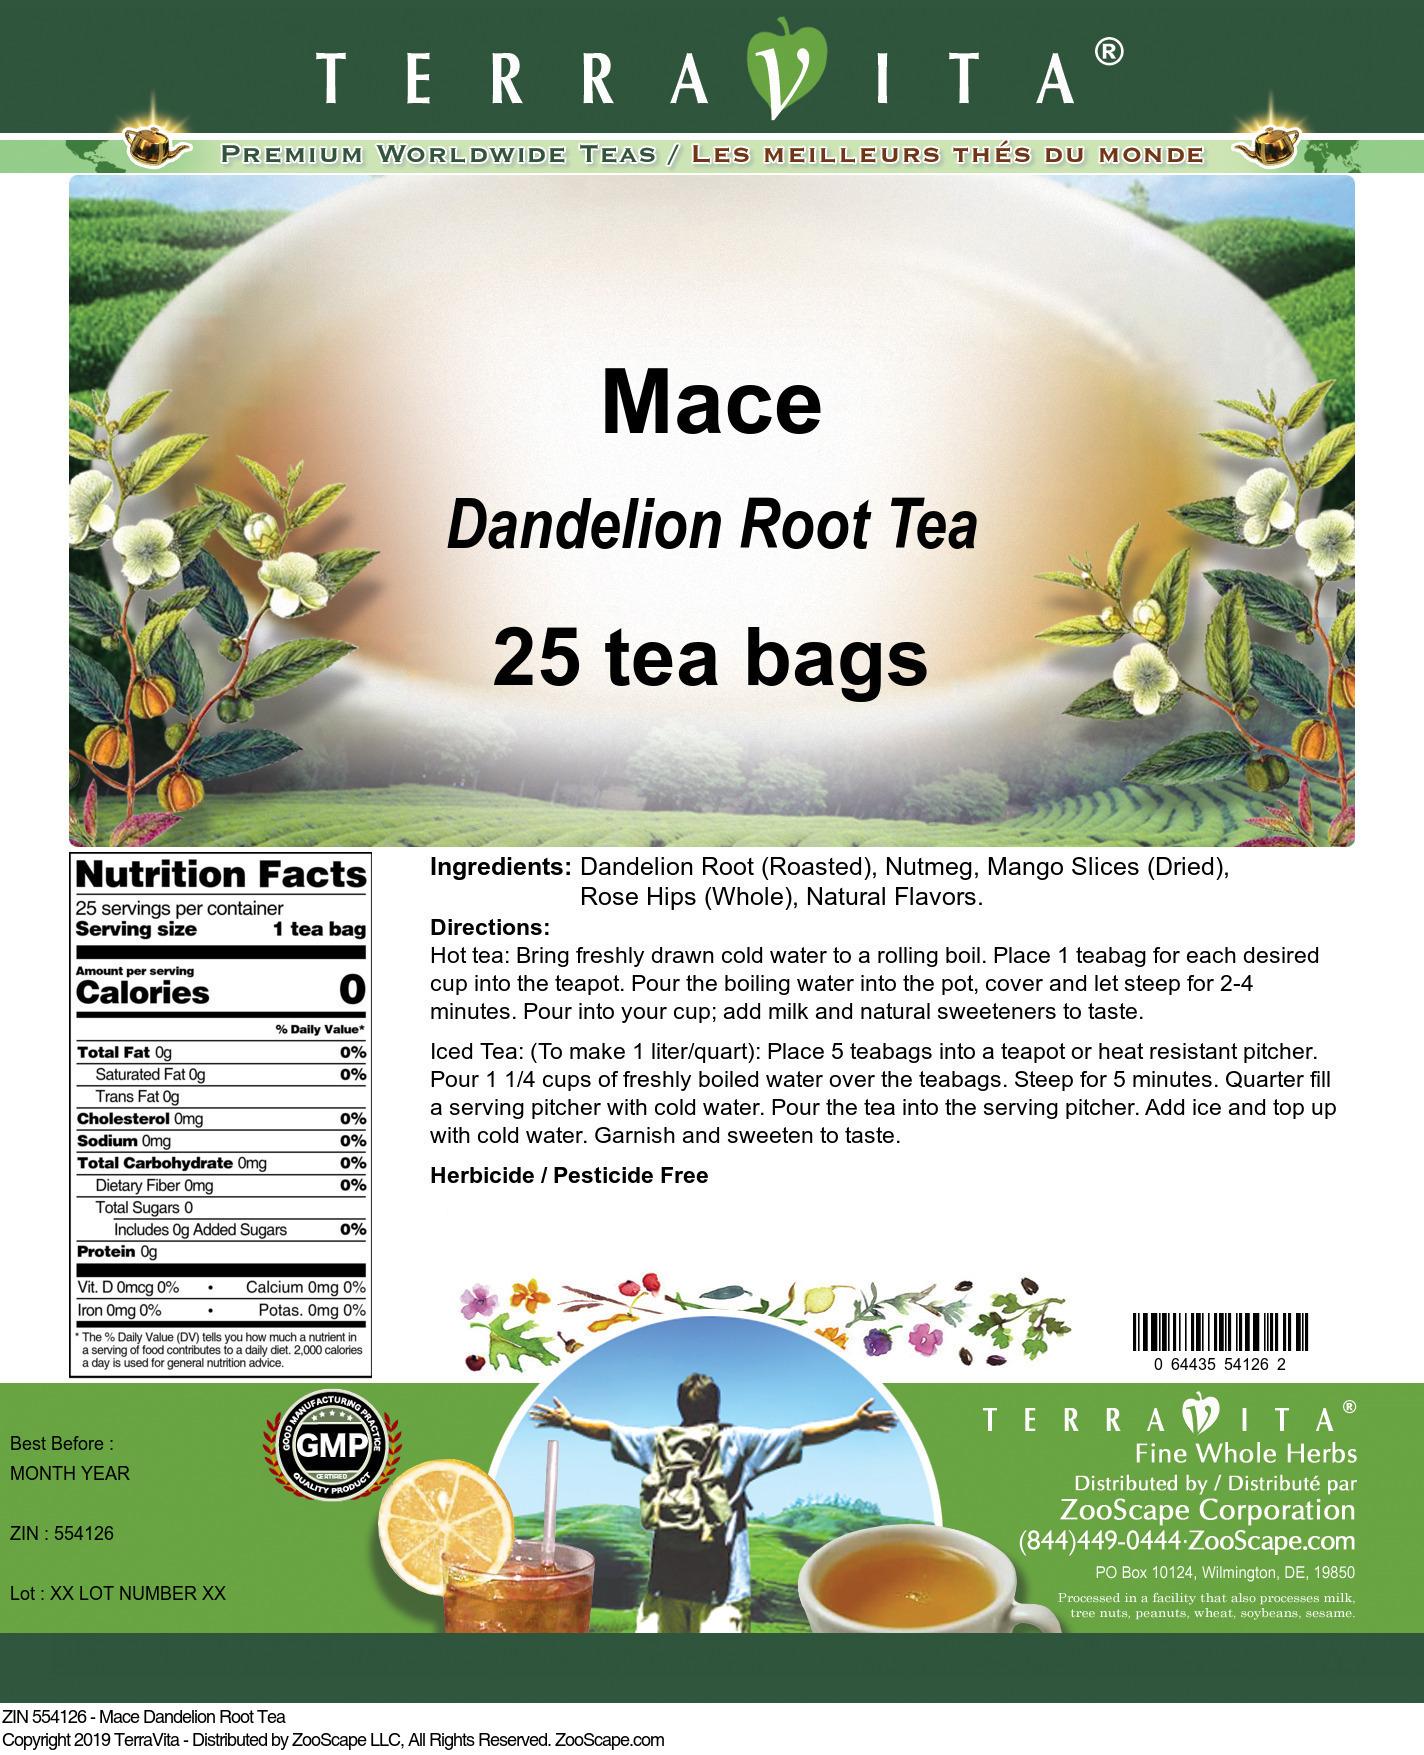 Mace Dandelion Root